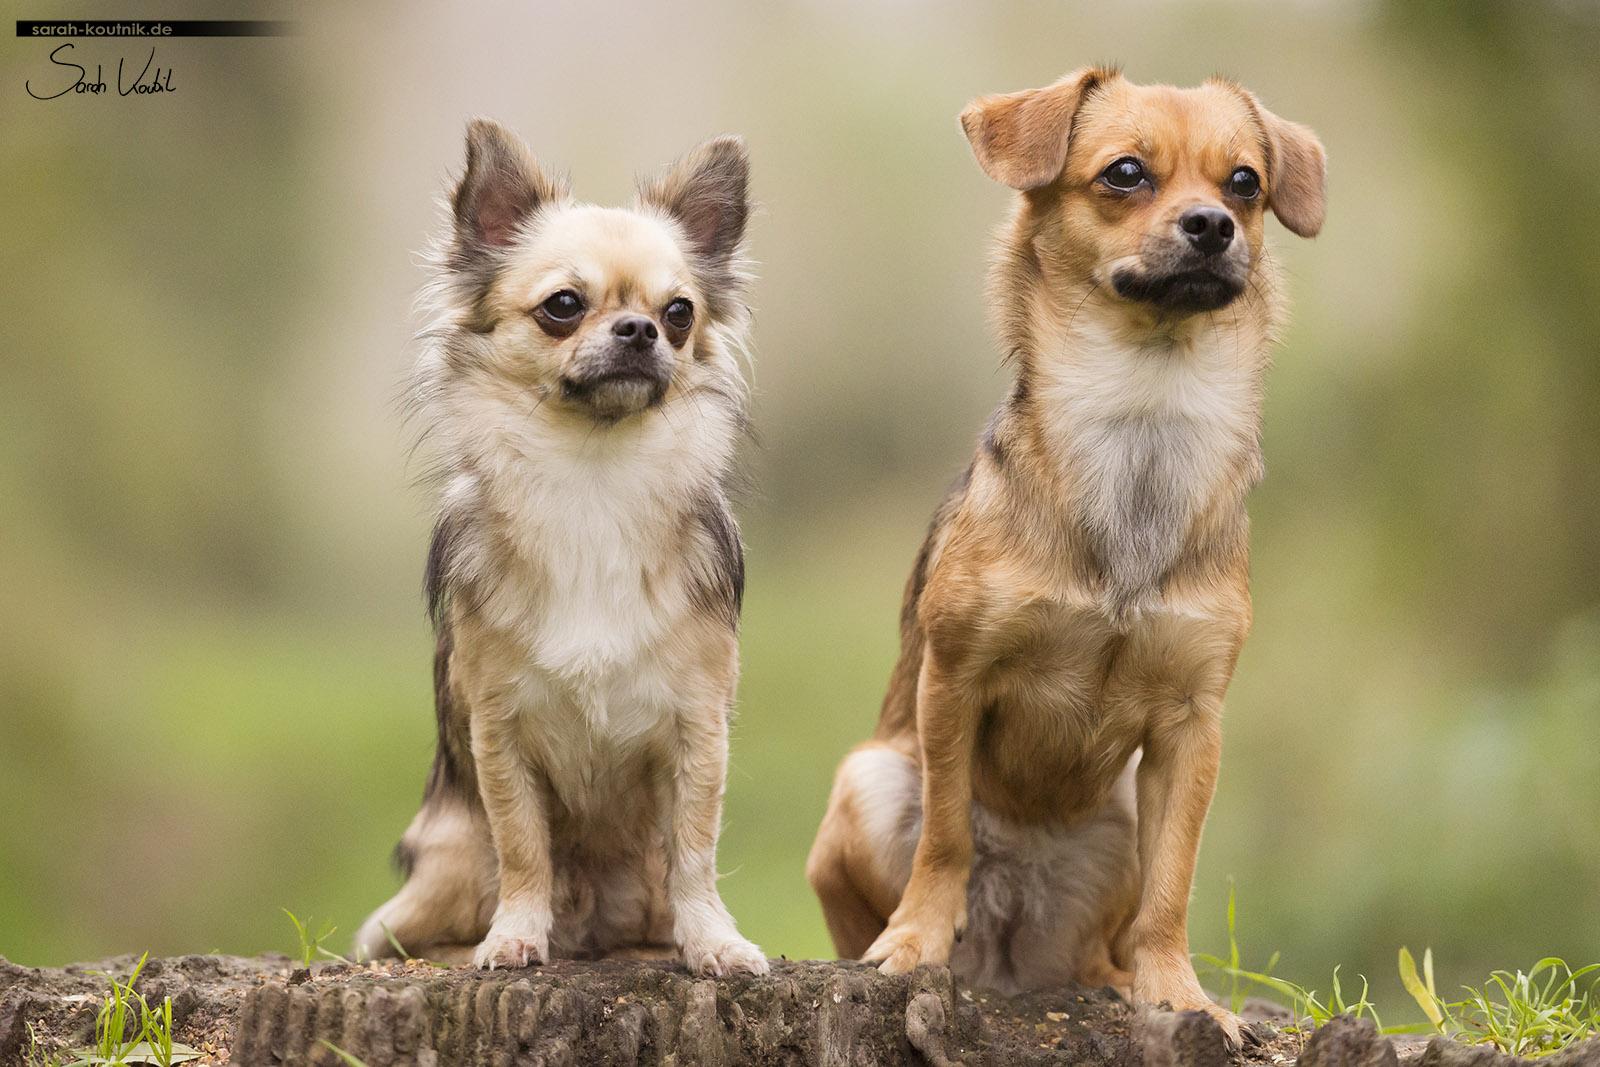 Portrait von Chihuahua Gismo und Mischling Noél | Hundefotografie München | Sarah Koutnik Fotografie